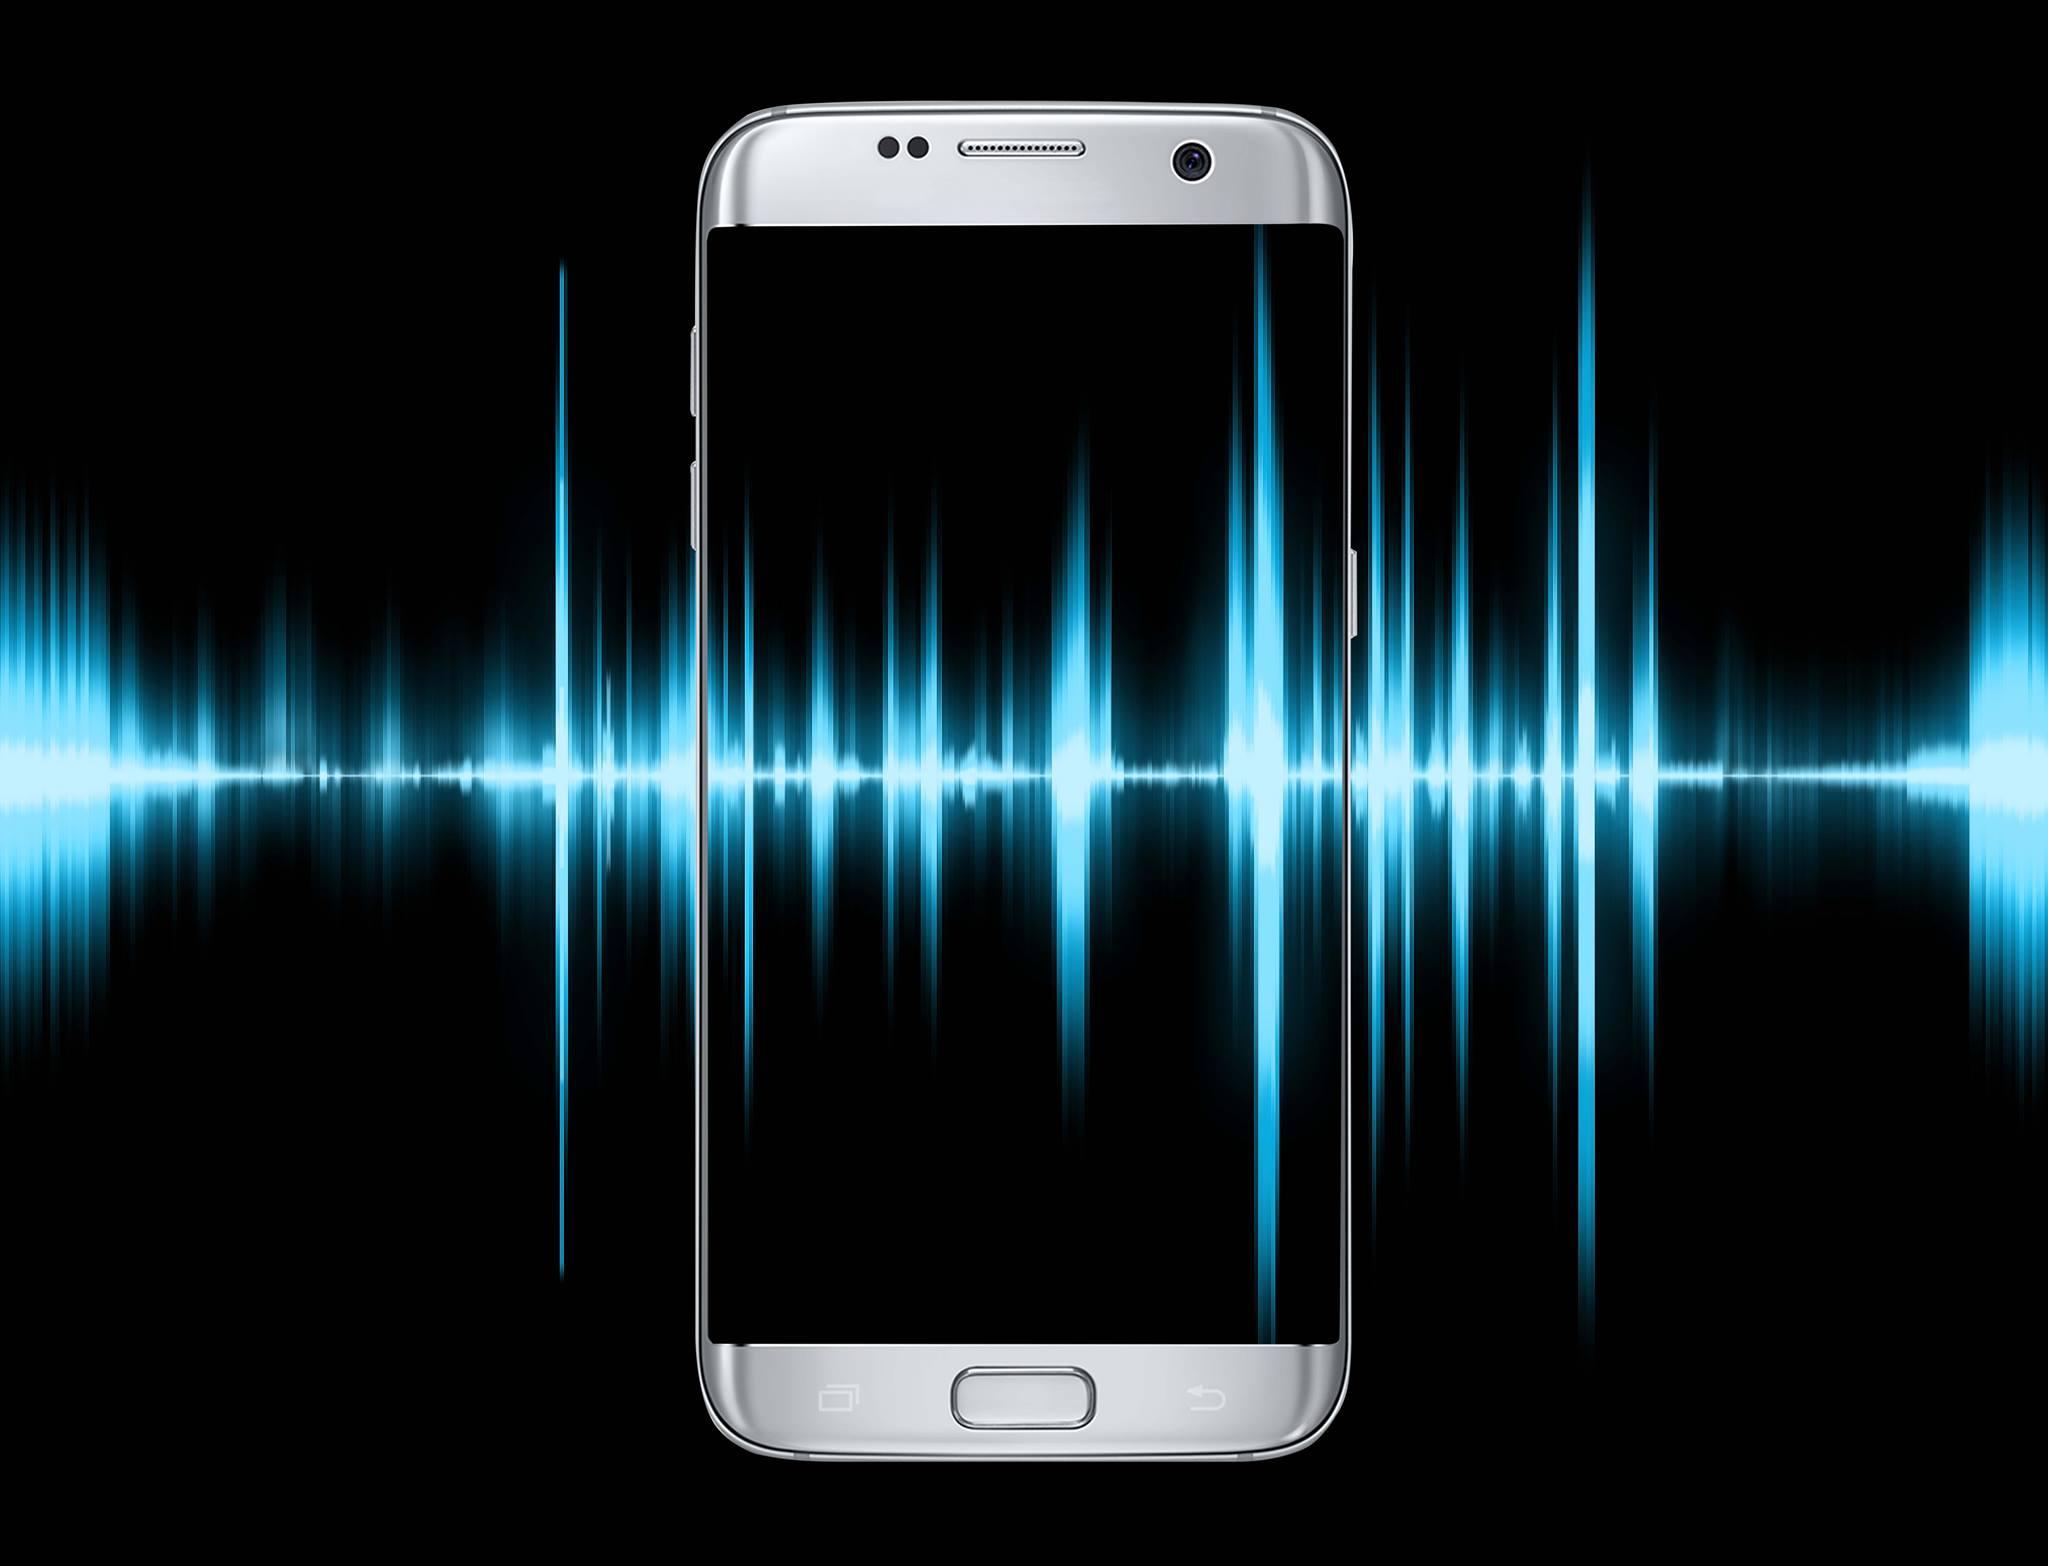 comment améliorer qualité audio smartphone